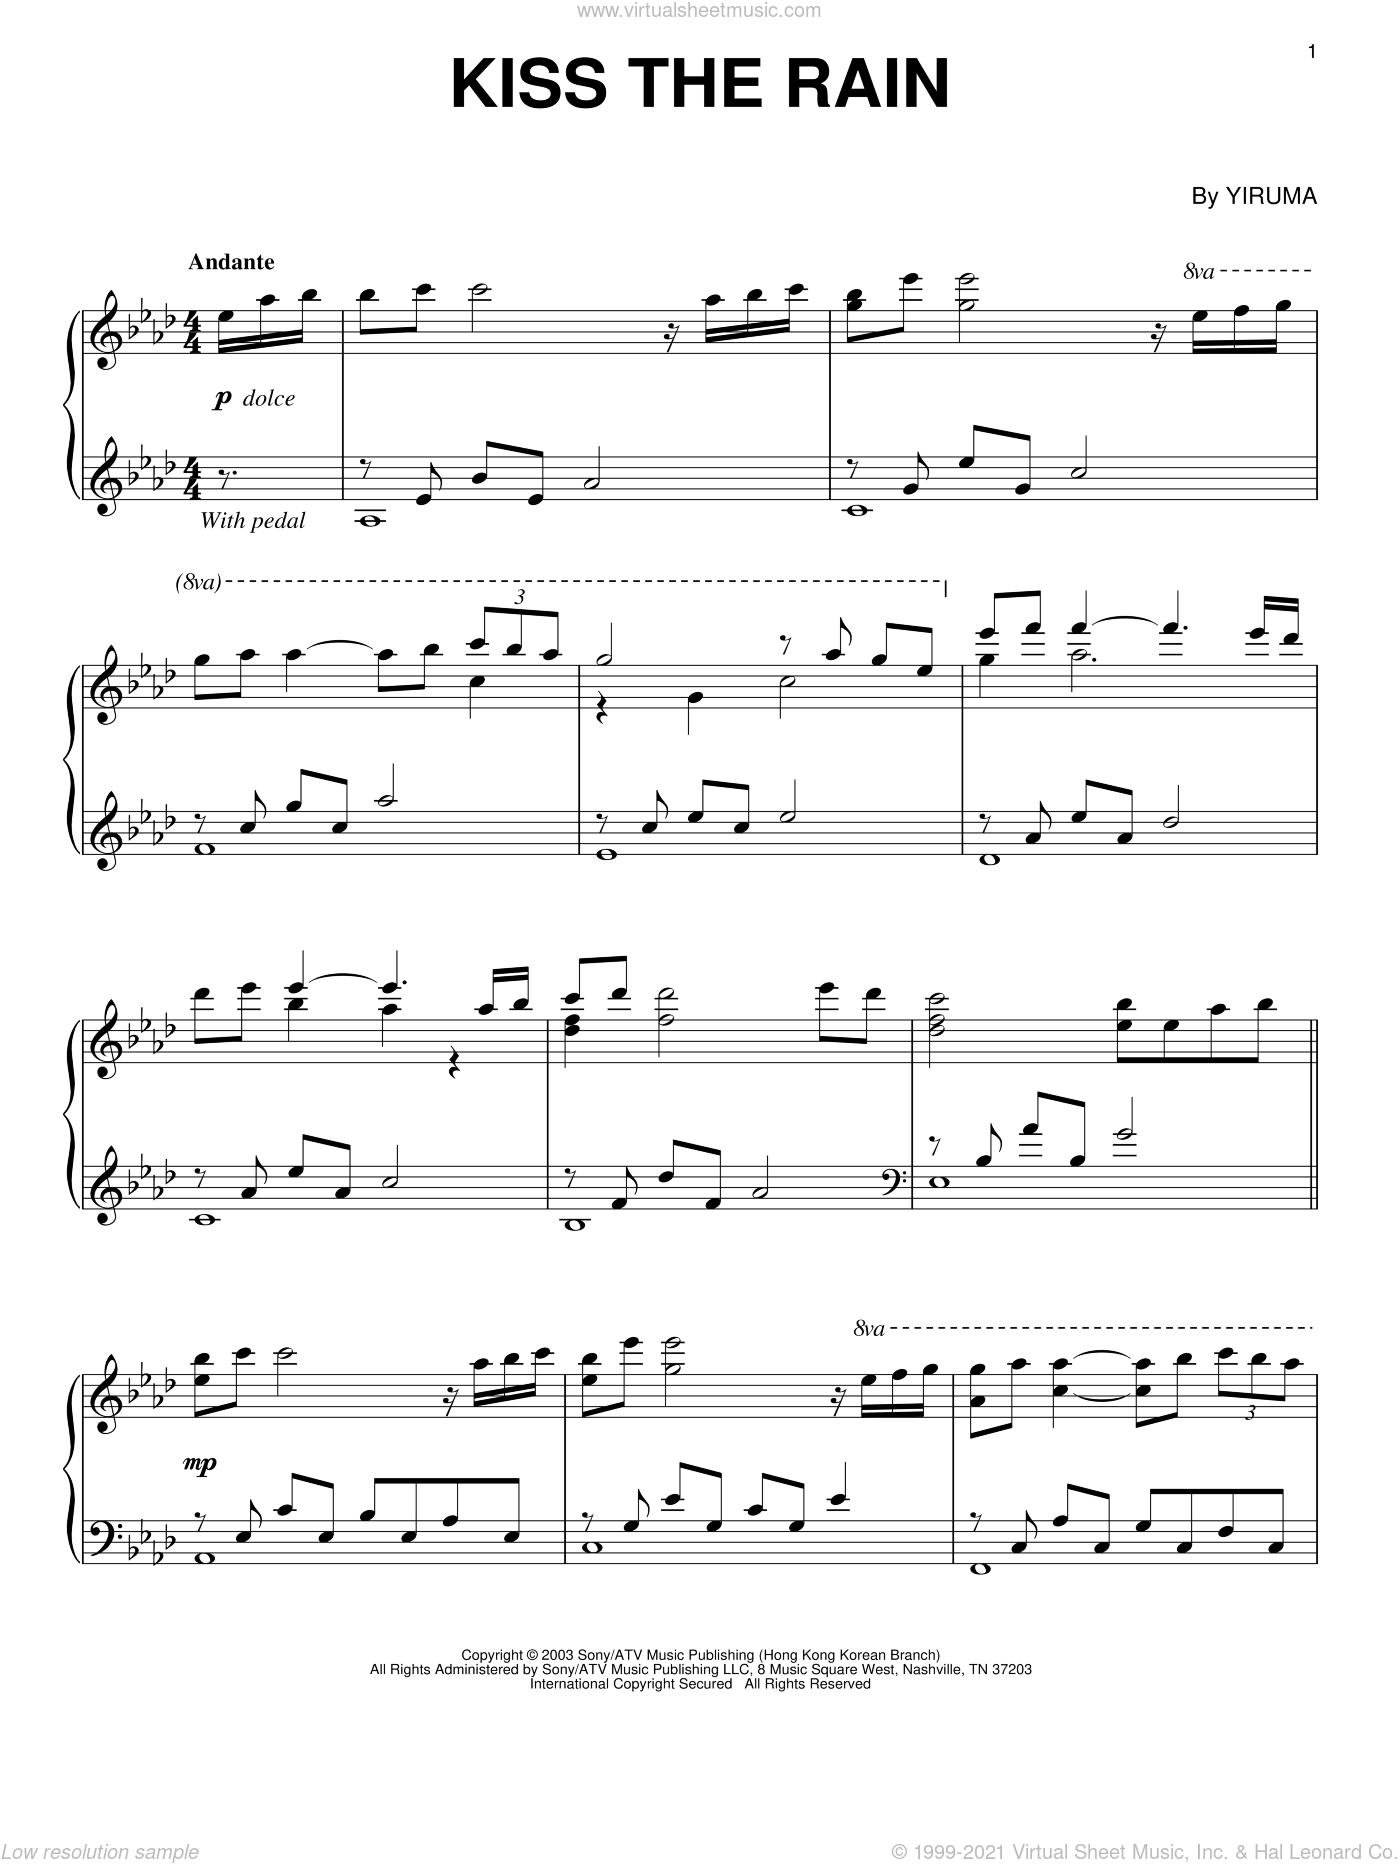 Yiruma - Kiss The Rain, (intermediate) sheet music for piano solo